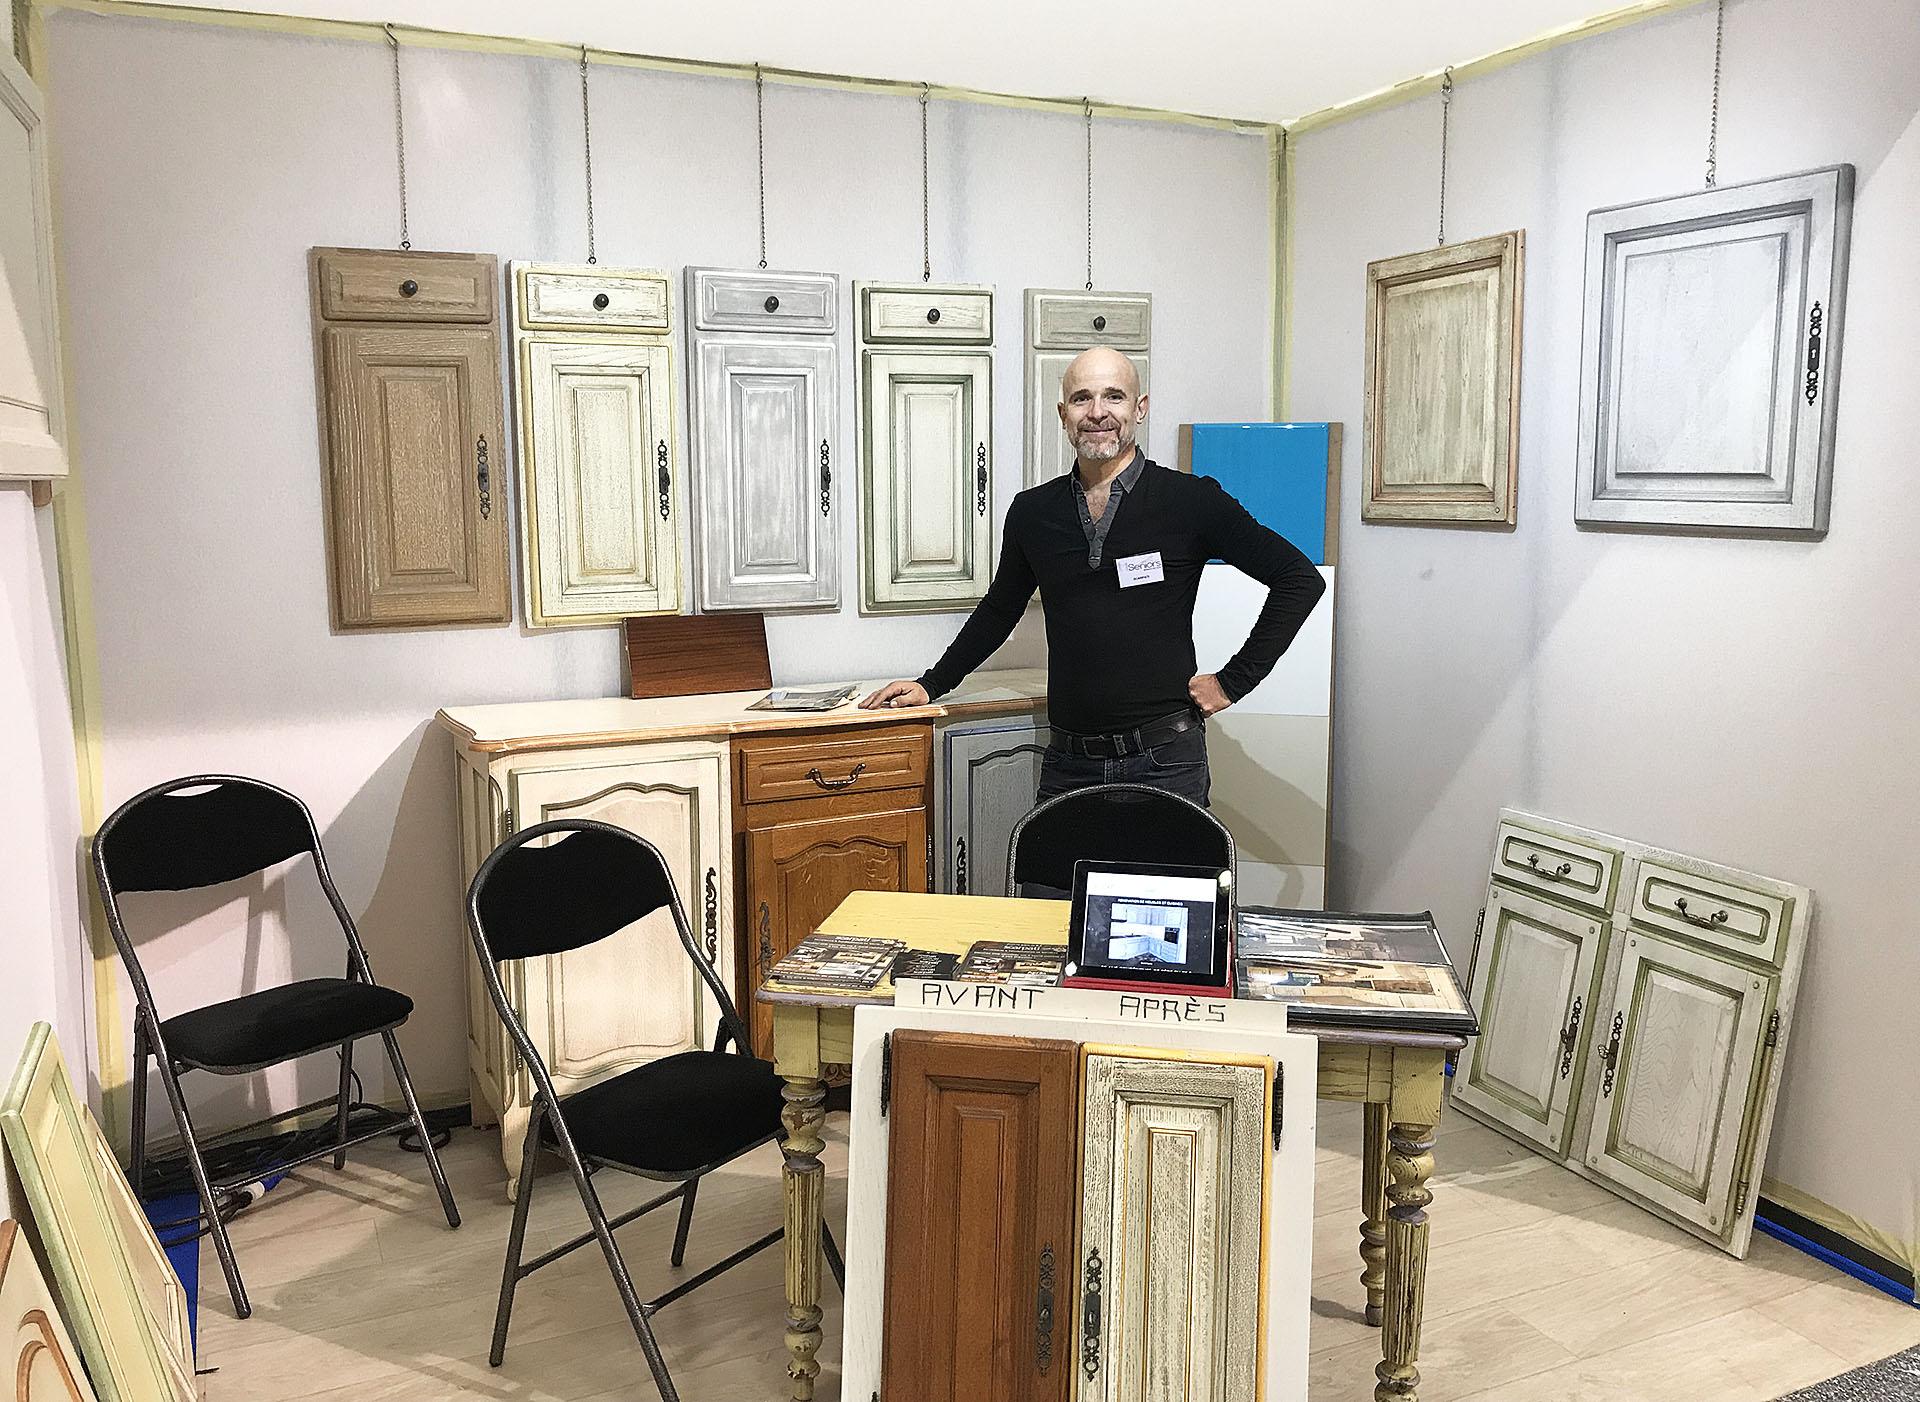 Salle De Bain Antibes rénovation de meubles et cuisines et salle de bain - scarpati